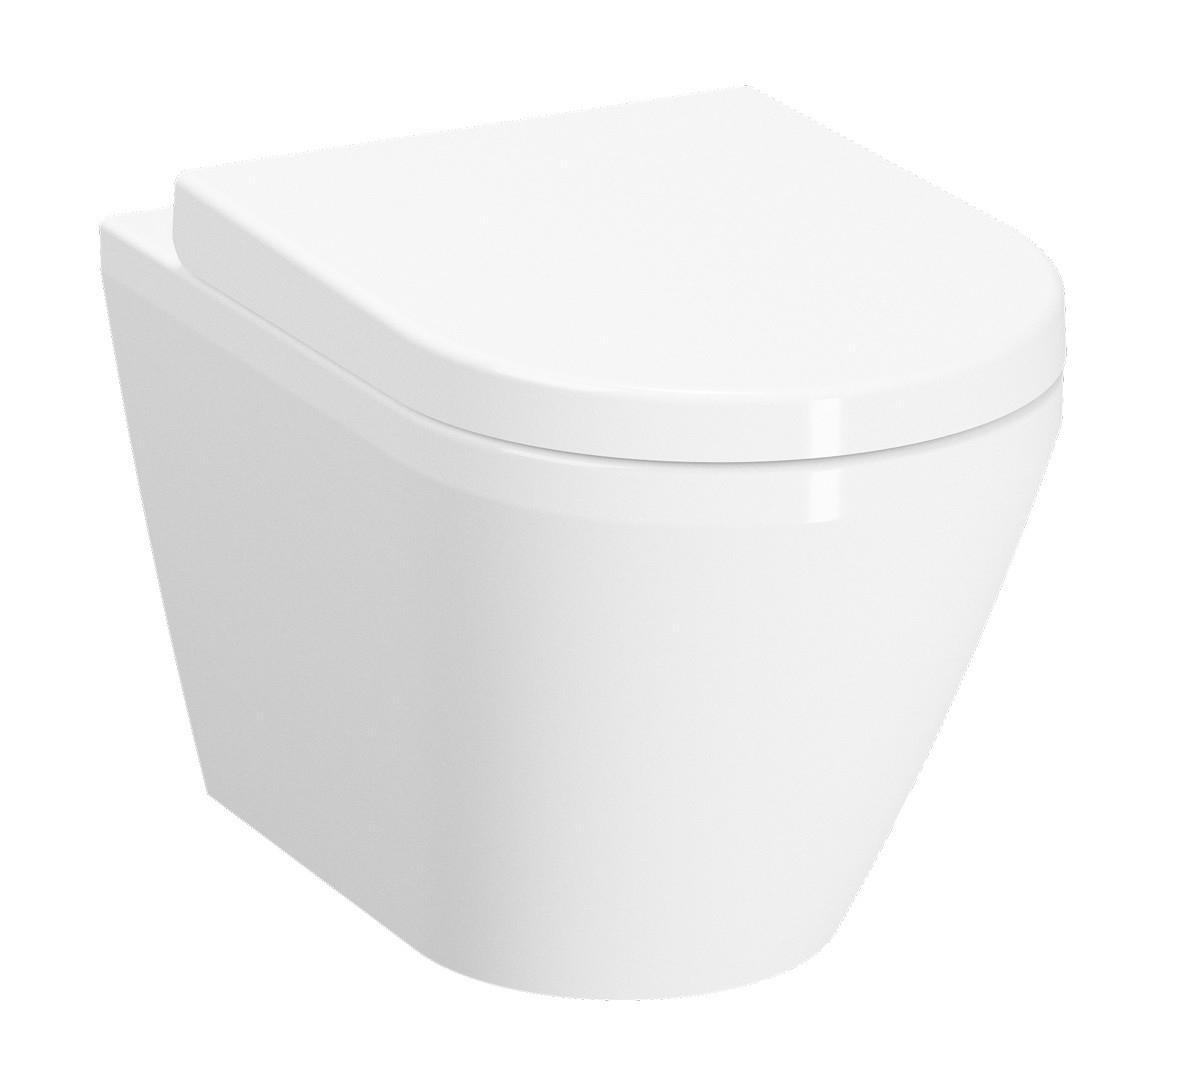 Vas WC suspendat Vitra Integra 54 cm Rim-Ex cu functie de bideu si prinderi ascunse poza